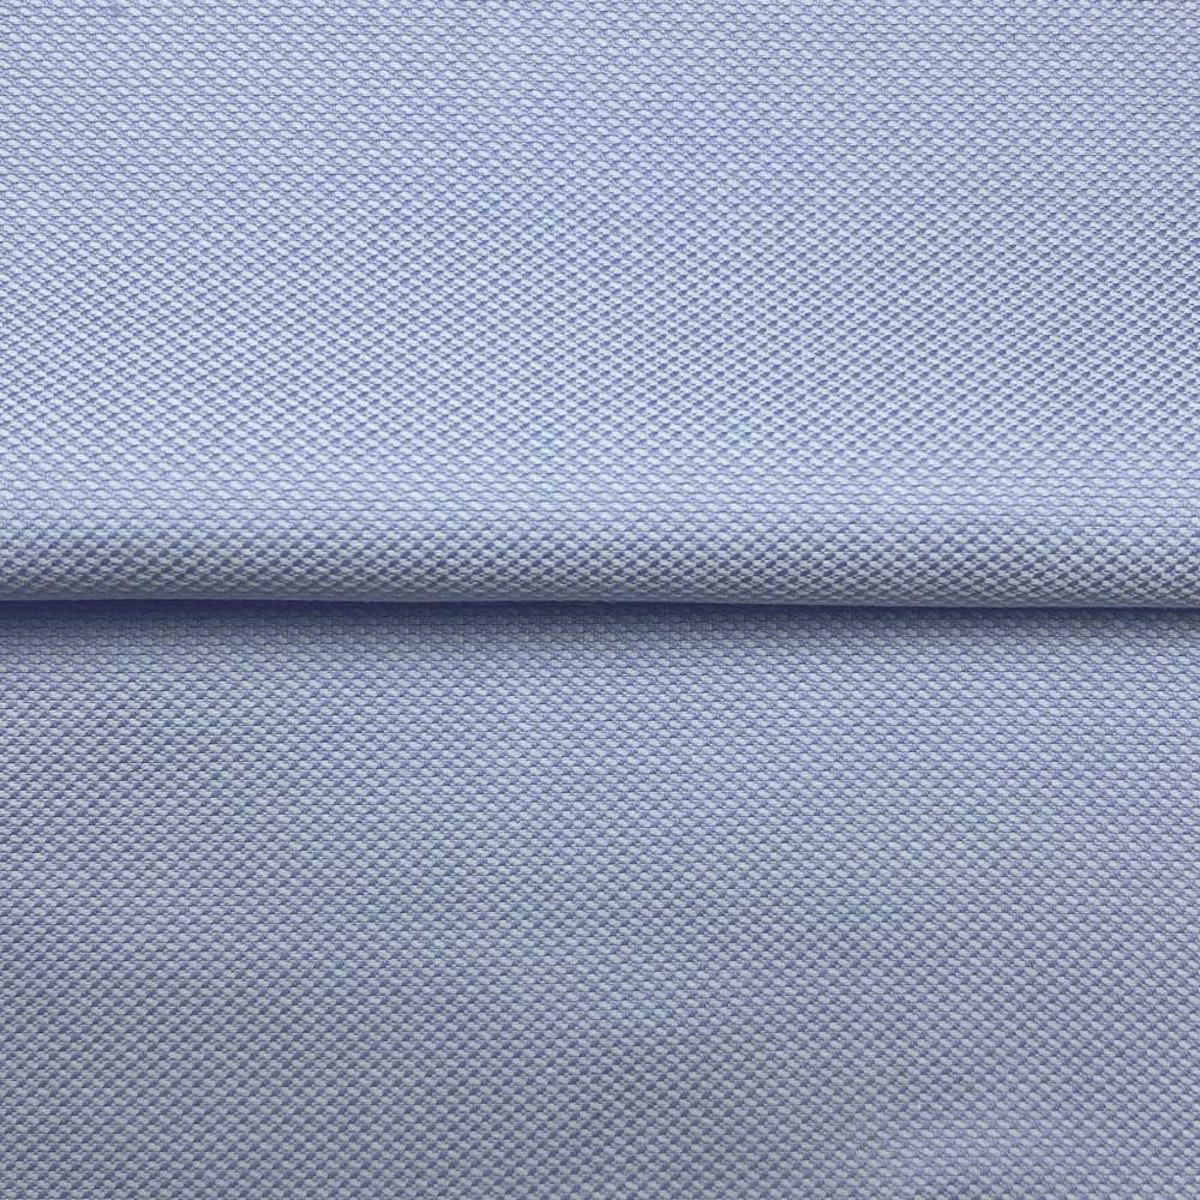 InStitchu Shirt Fabric 43